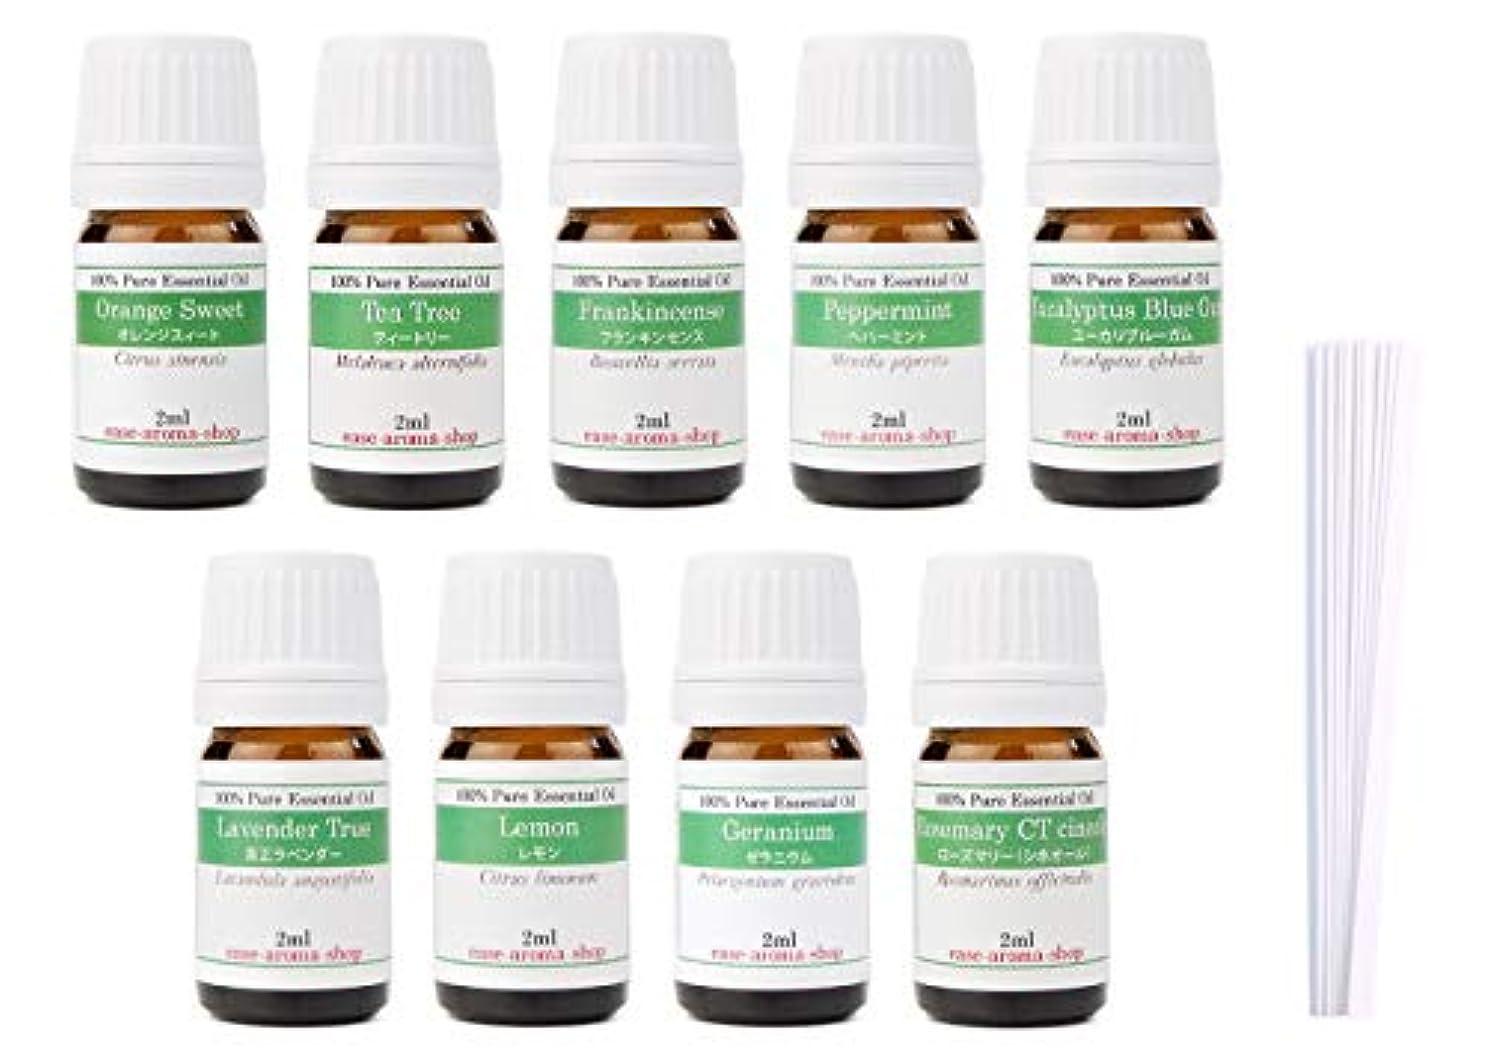 ペック一時停止命題【2019年改訂版】ease AEAJアロマテラピー検定香りテスト対象精油セット 揃えておきたい基本の精油 2級 9本セット各2ml